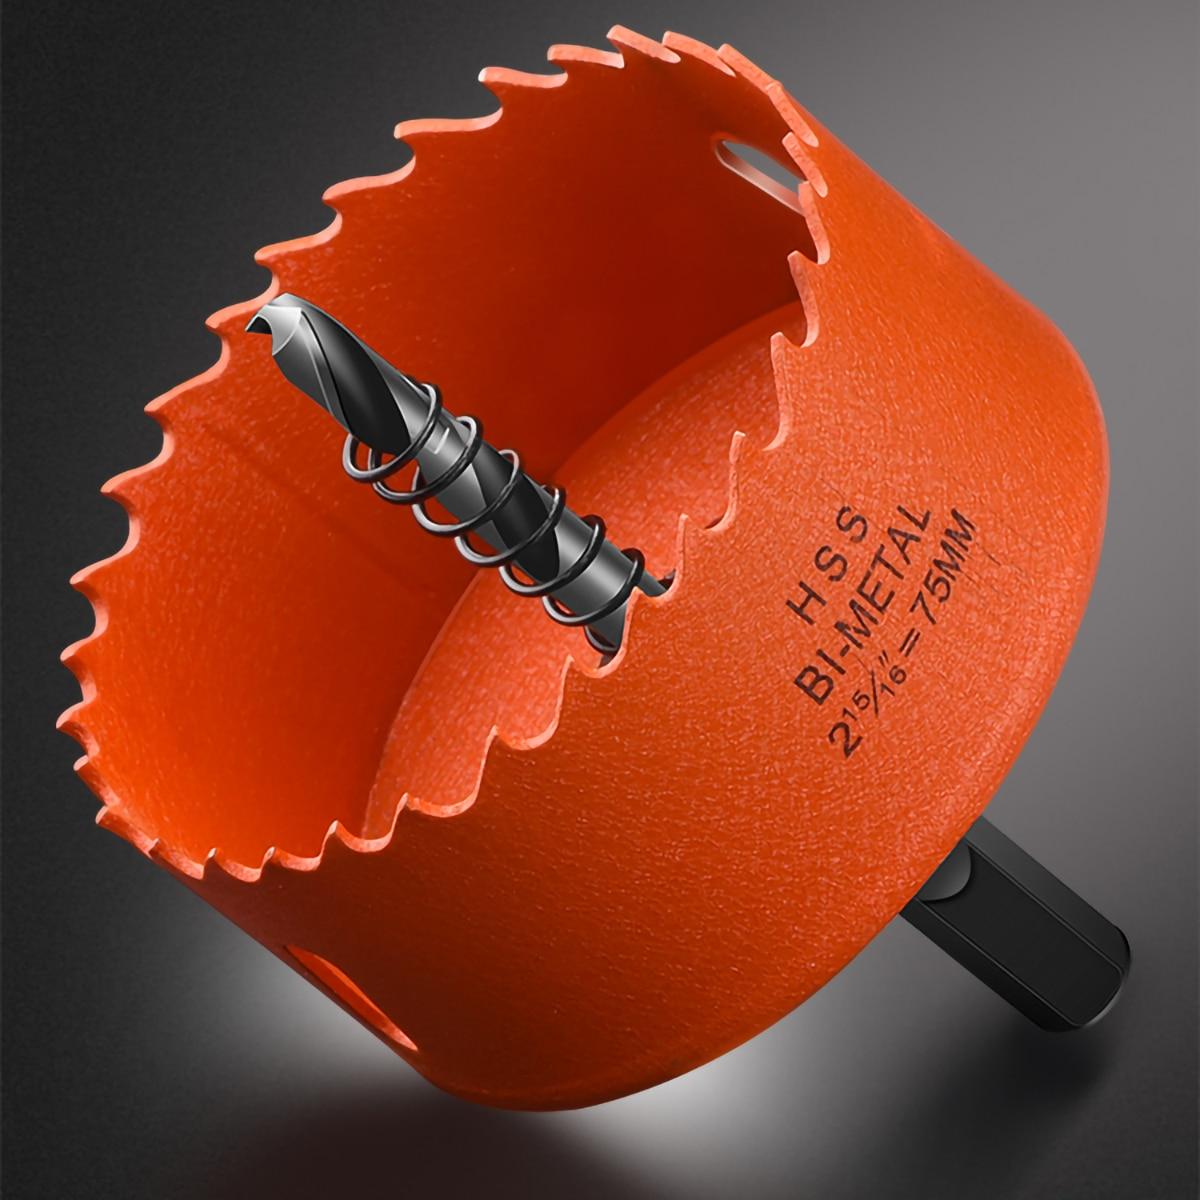 1 قطعة مناشير حفرة 180 مللي متر-250 مللي متر M42 ثنائية المعادن مثقاب الخشب القاطع النجارة أدوات قطع المعادن البلاستيك الحديد أدوات يدوية